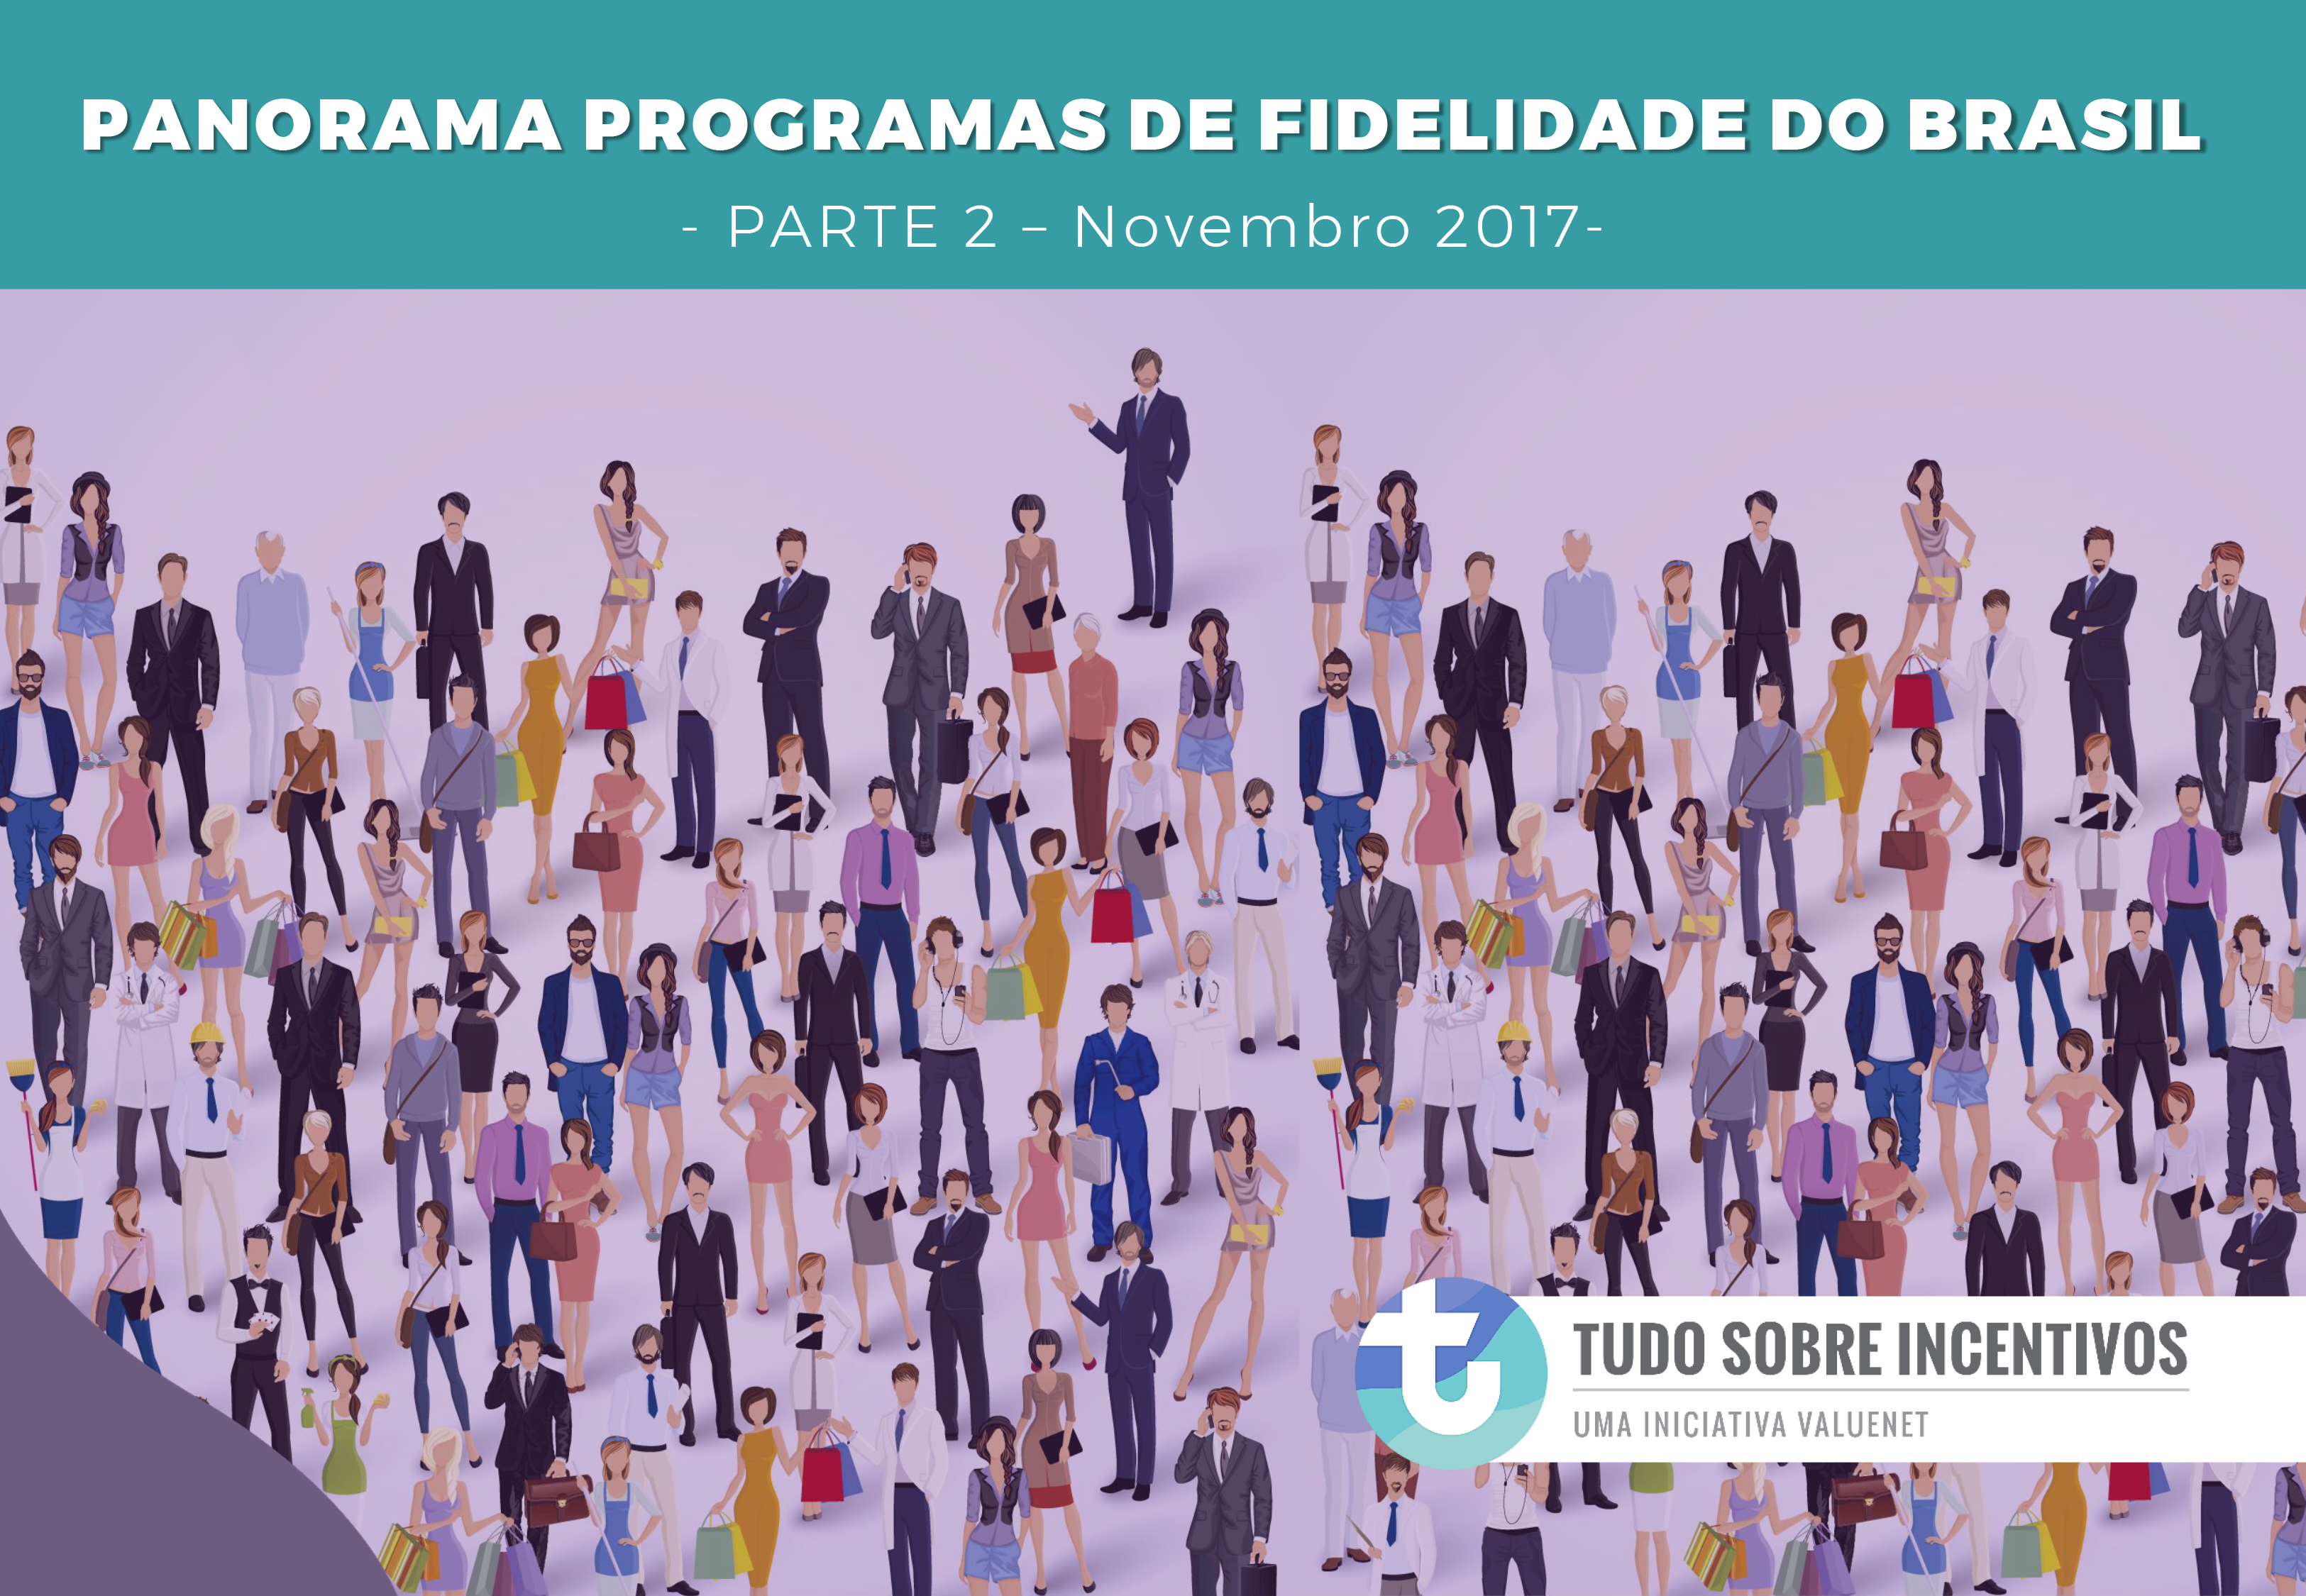 Panorama Programas de Fidelidade do Brasil Parte 2